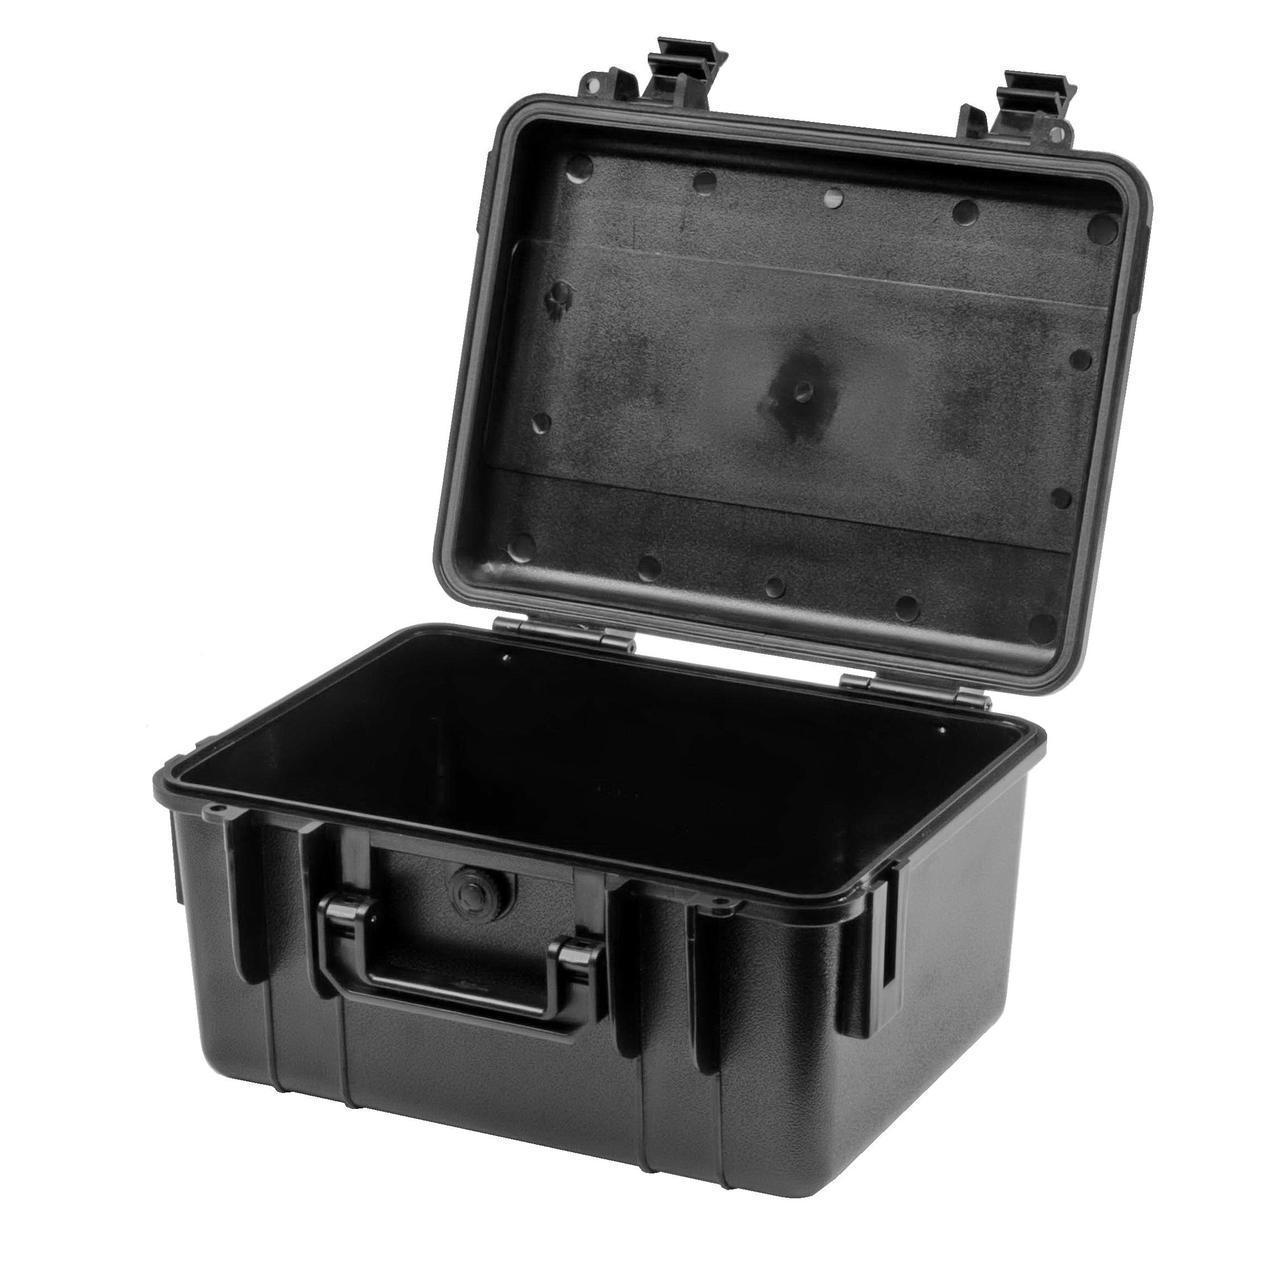 Ящик (Кейс) водонепроникний EPC011 розмір внутрішній 255х185х140 (24,5+114,5)мм, чорний